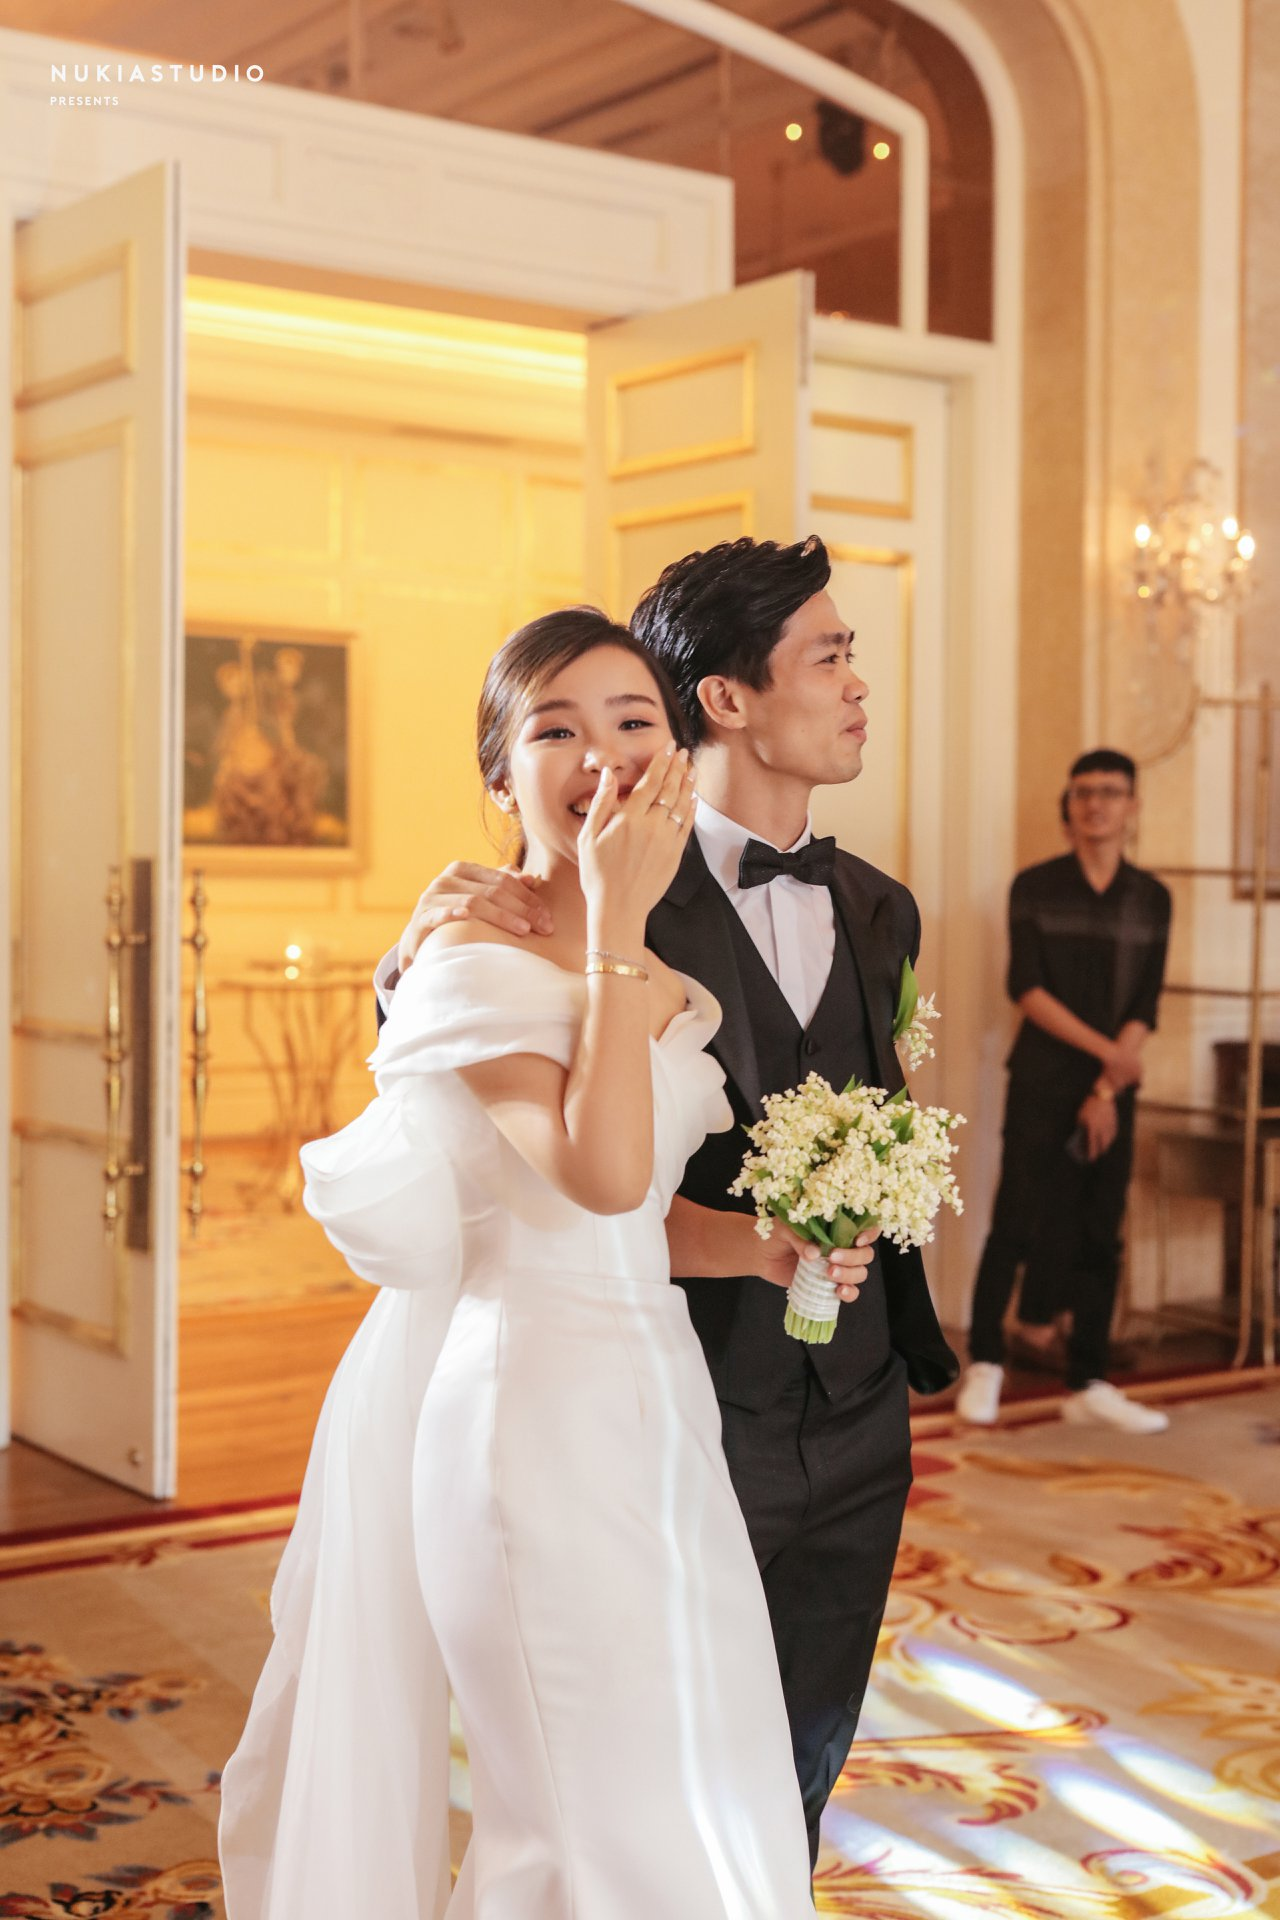 Trợ lý HLV Park Hang-seo viết tâm thư gửi Công Phượng, review chất lượng về cô dâu Viên Minh 1 ngày trước lễ cưới - Ảnh 1.